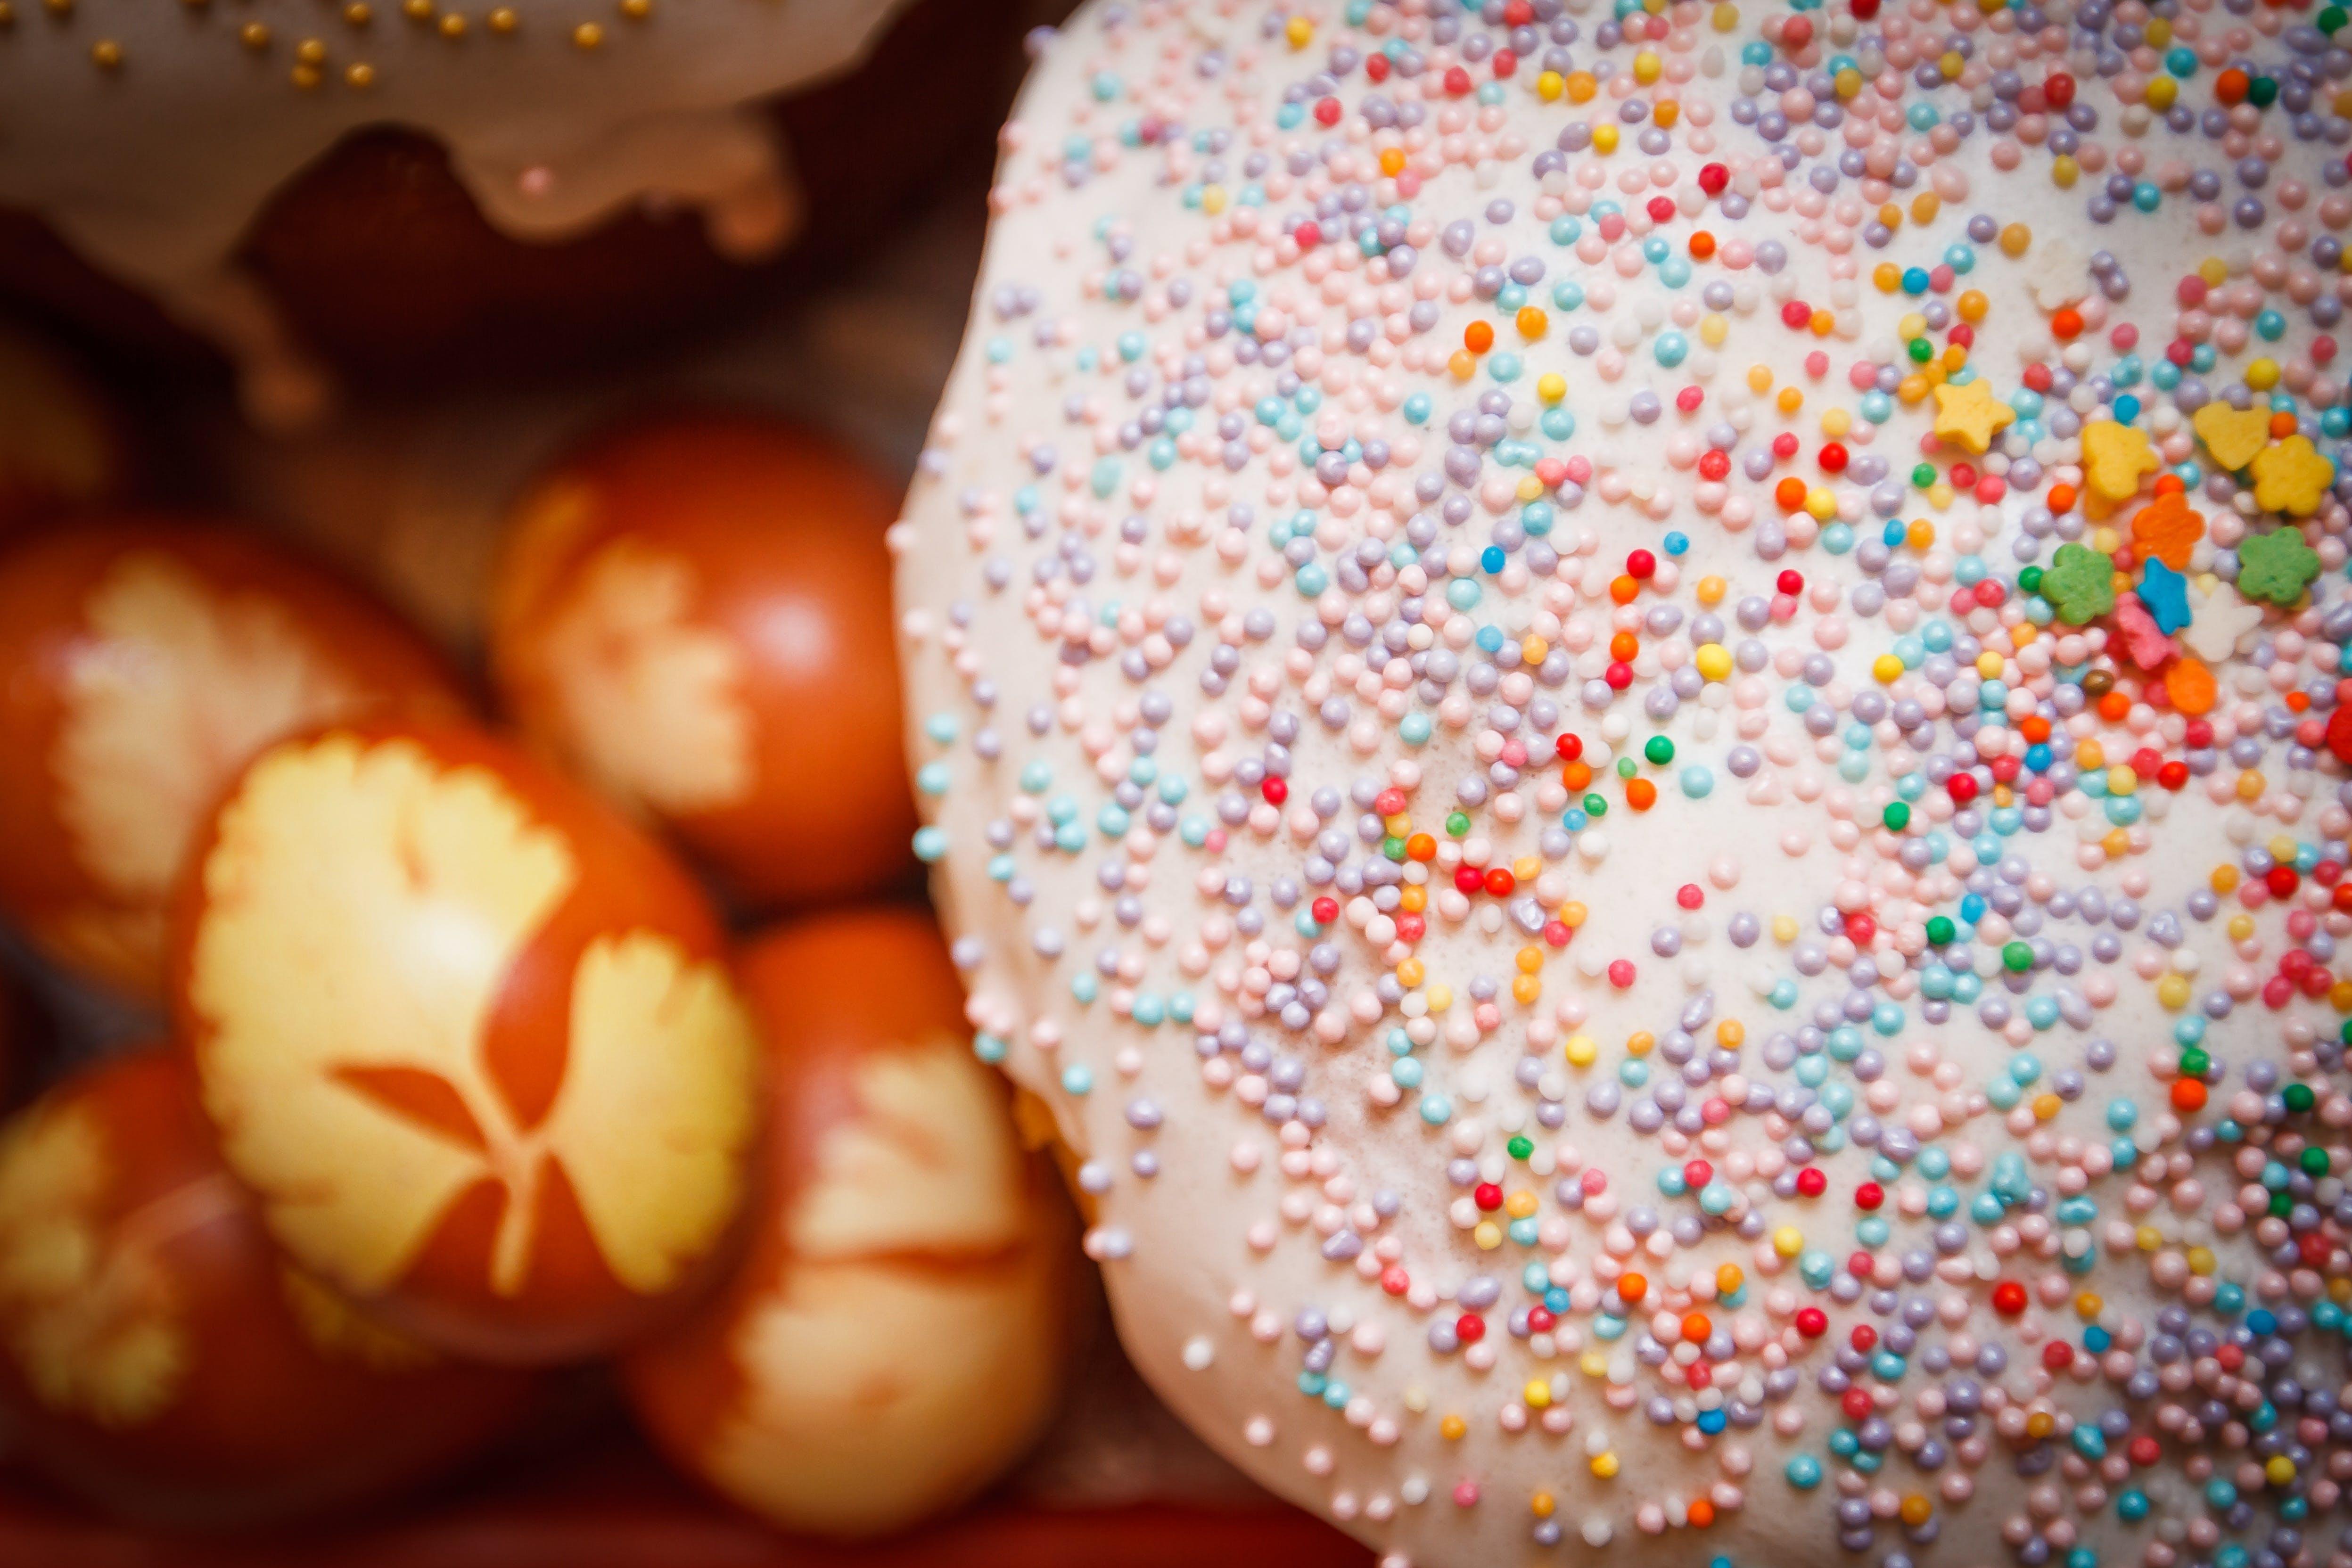 çörek, Gıda, makro, rengarenk içeren Ücretsiz stok fotoğraf